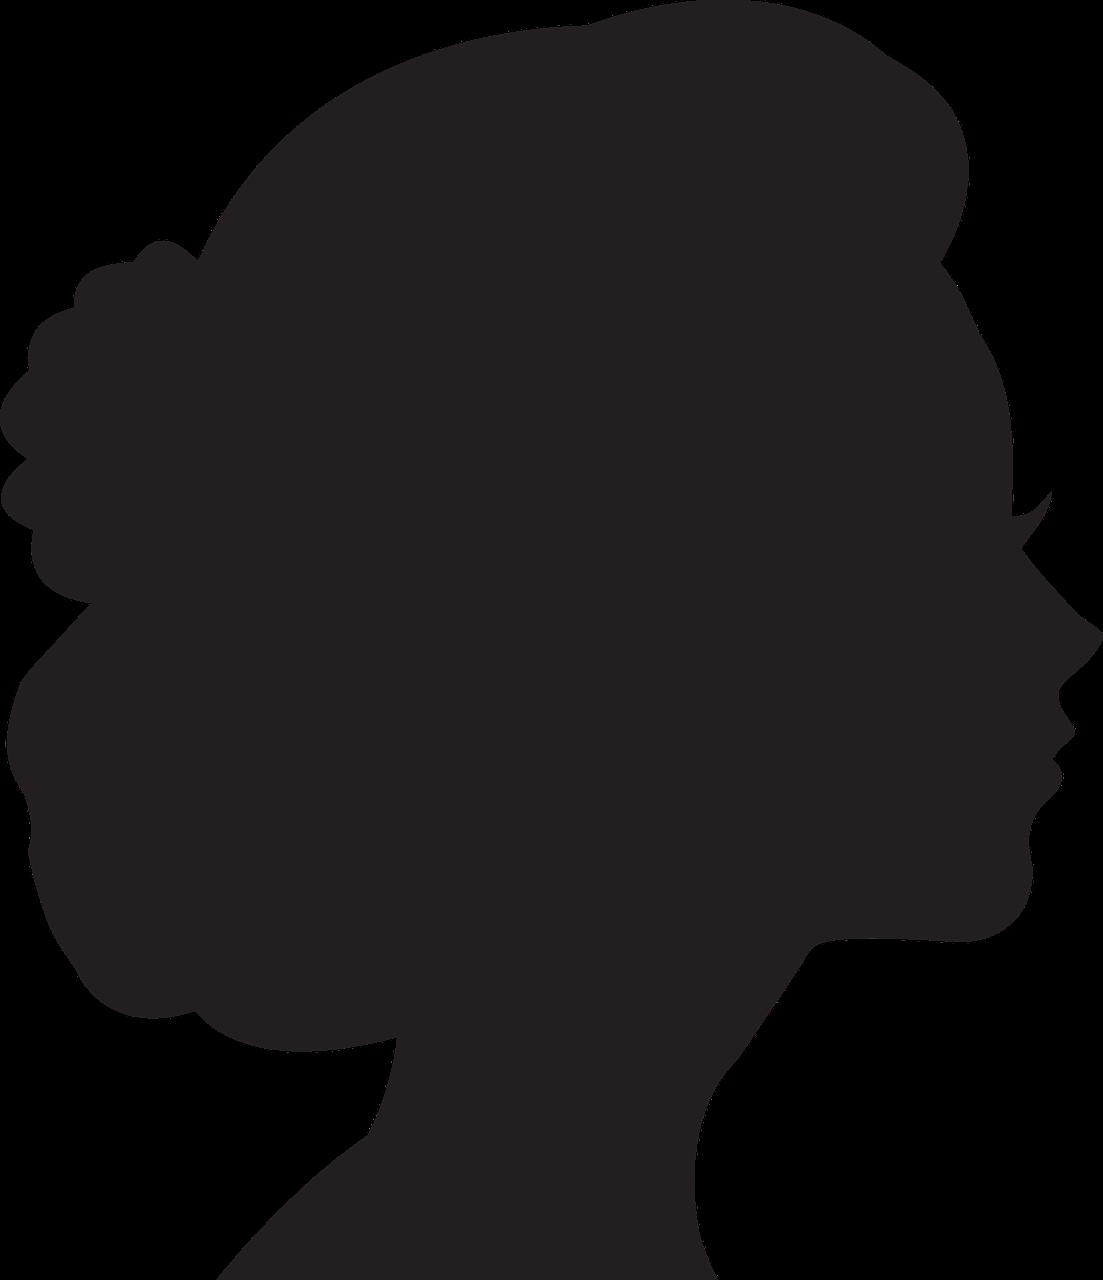 Kostenloses Bild auf Pixabay - Kopf, Weiblich, Frau, Mädchen